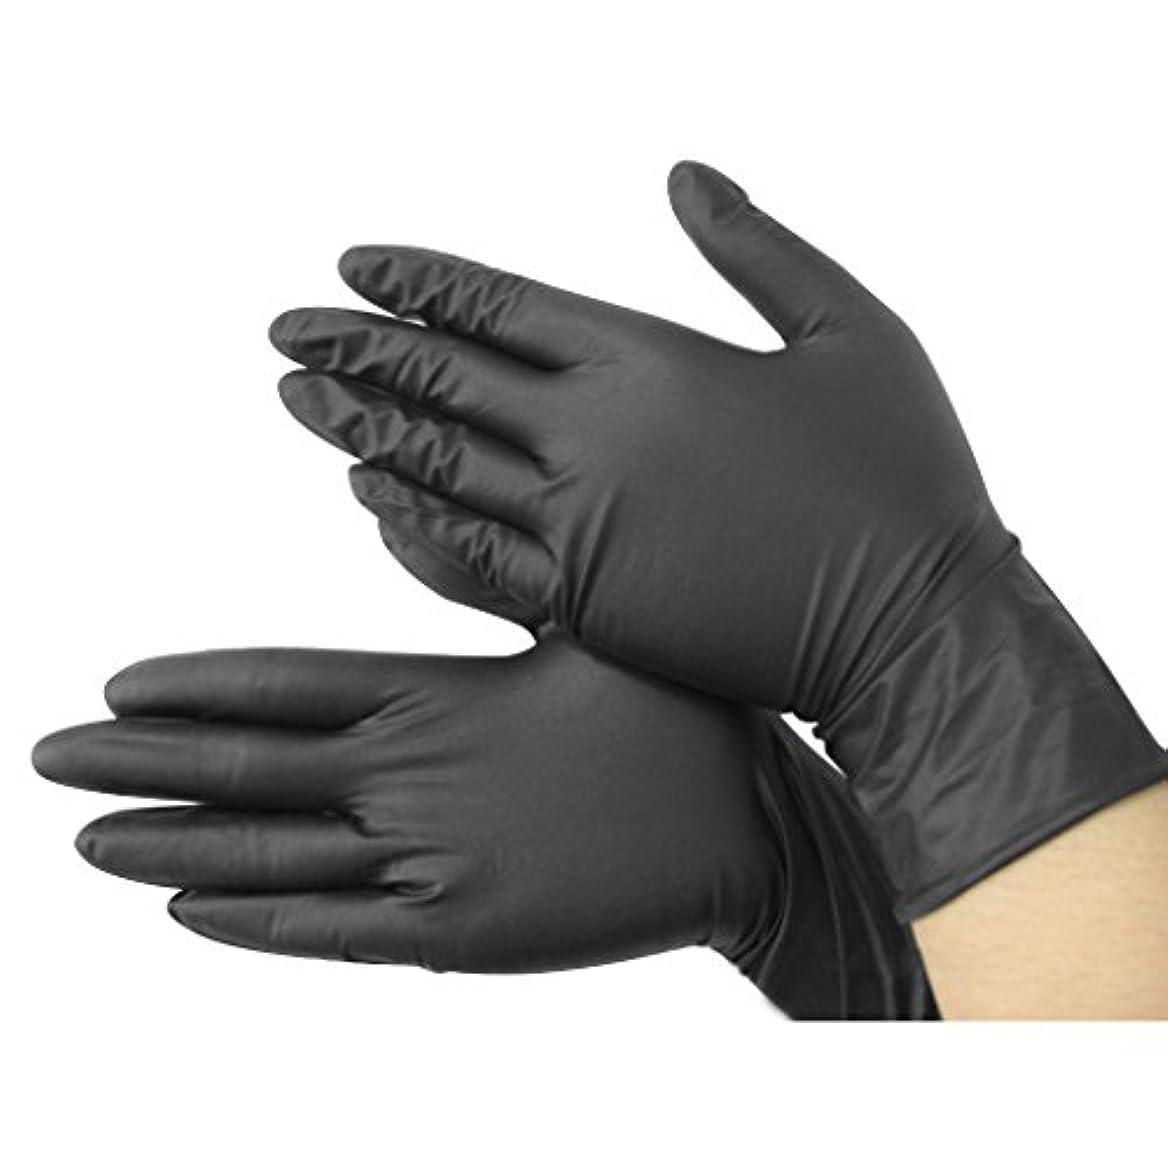 キャンプ洗う悪性腫瘍CUHAWUDBA 黒いニトリル使い捨てクール手袋 パワーフリーX100 - 入れ墨 - メカニック 新しい